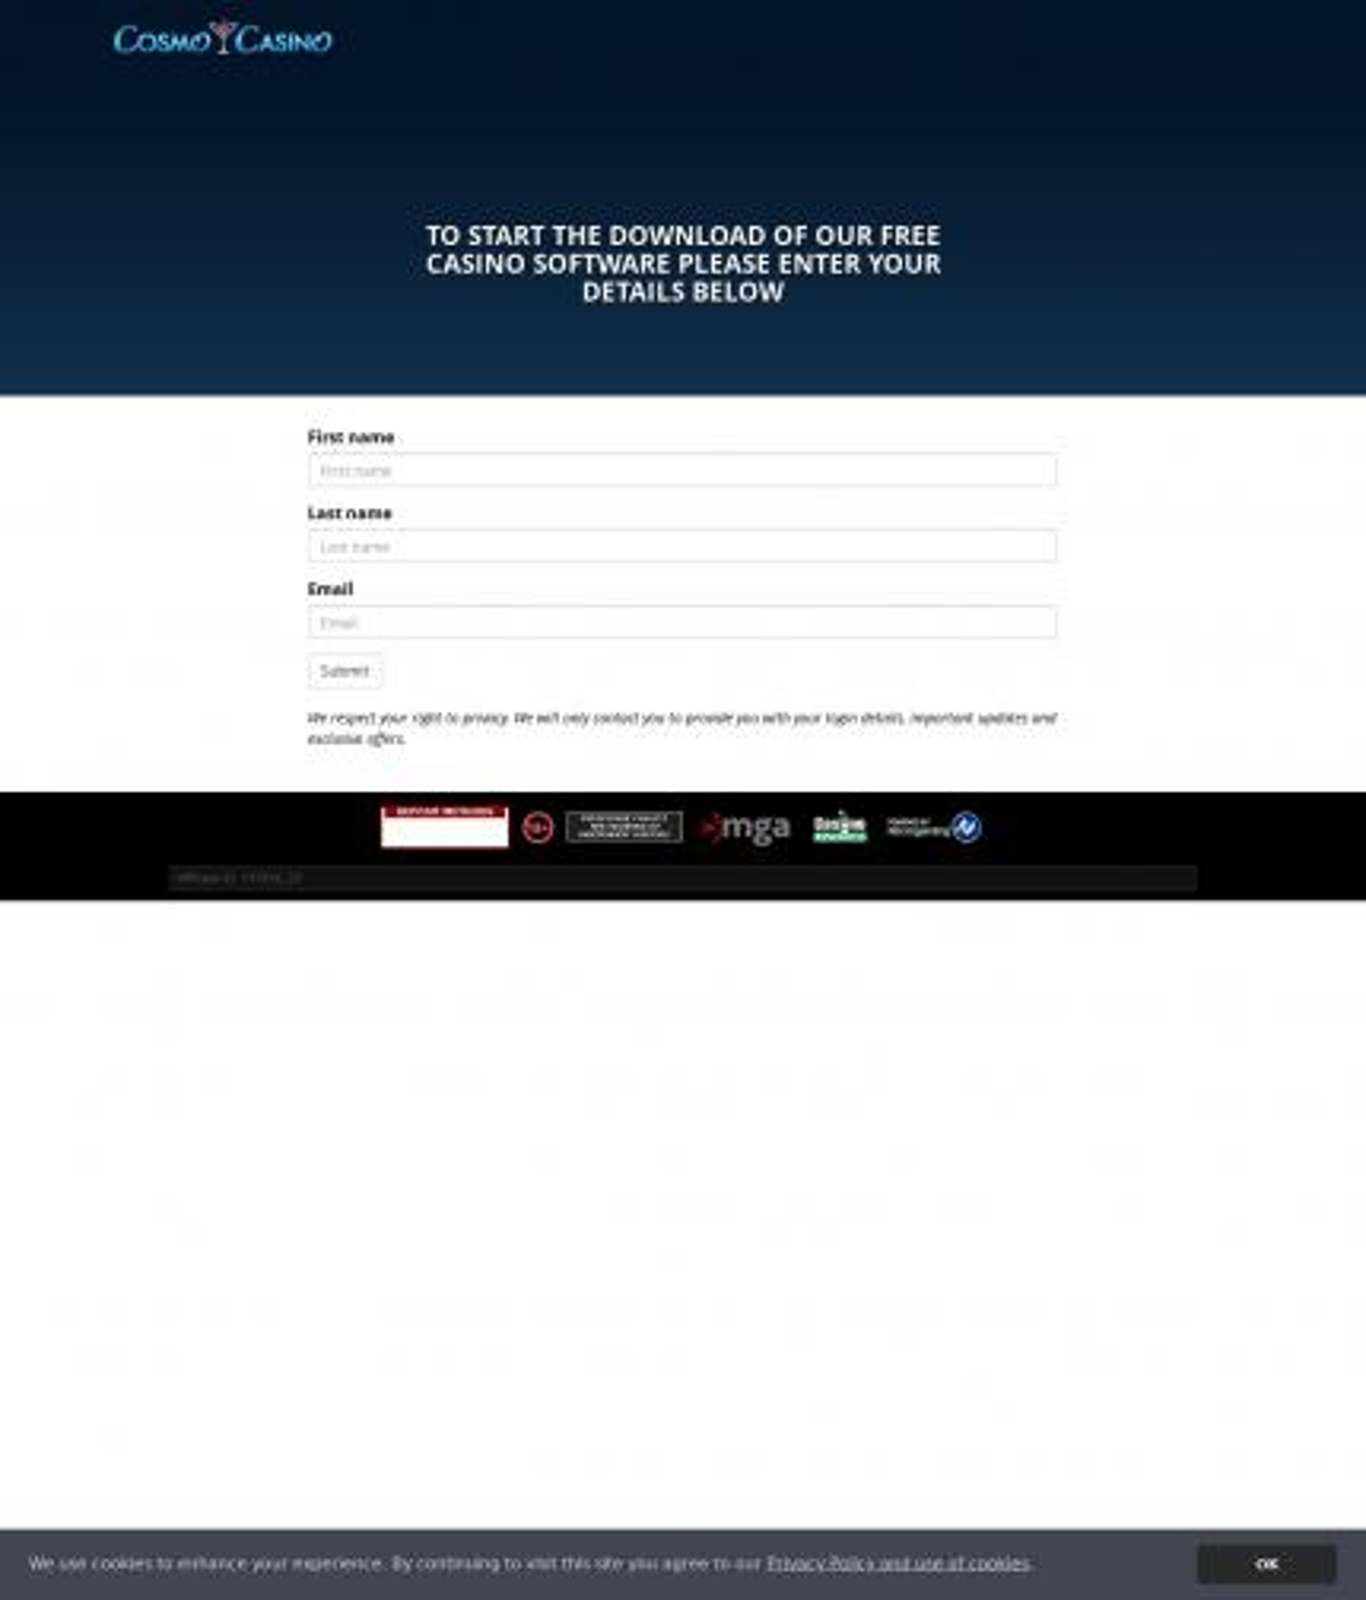 Zodiac casino mobile app download